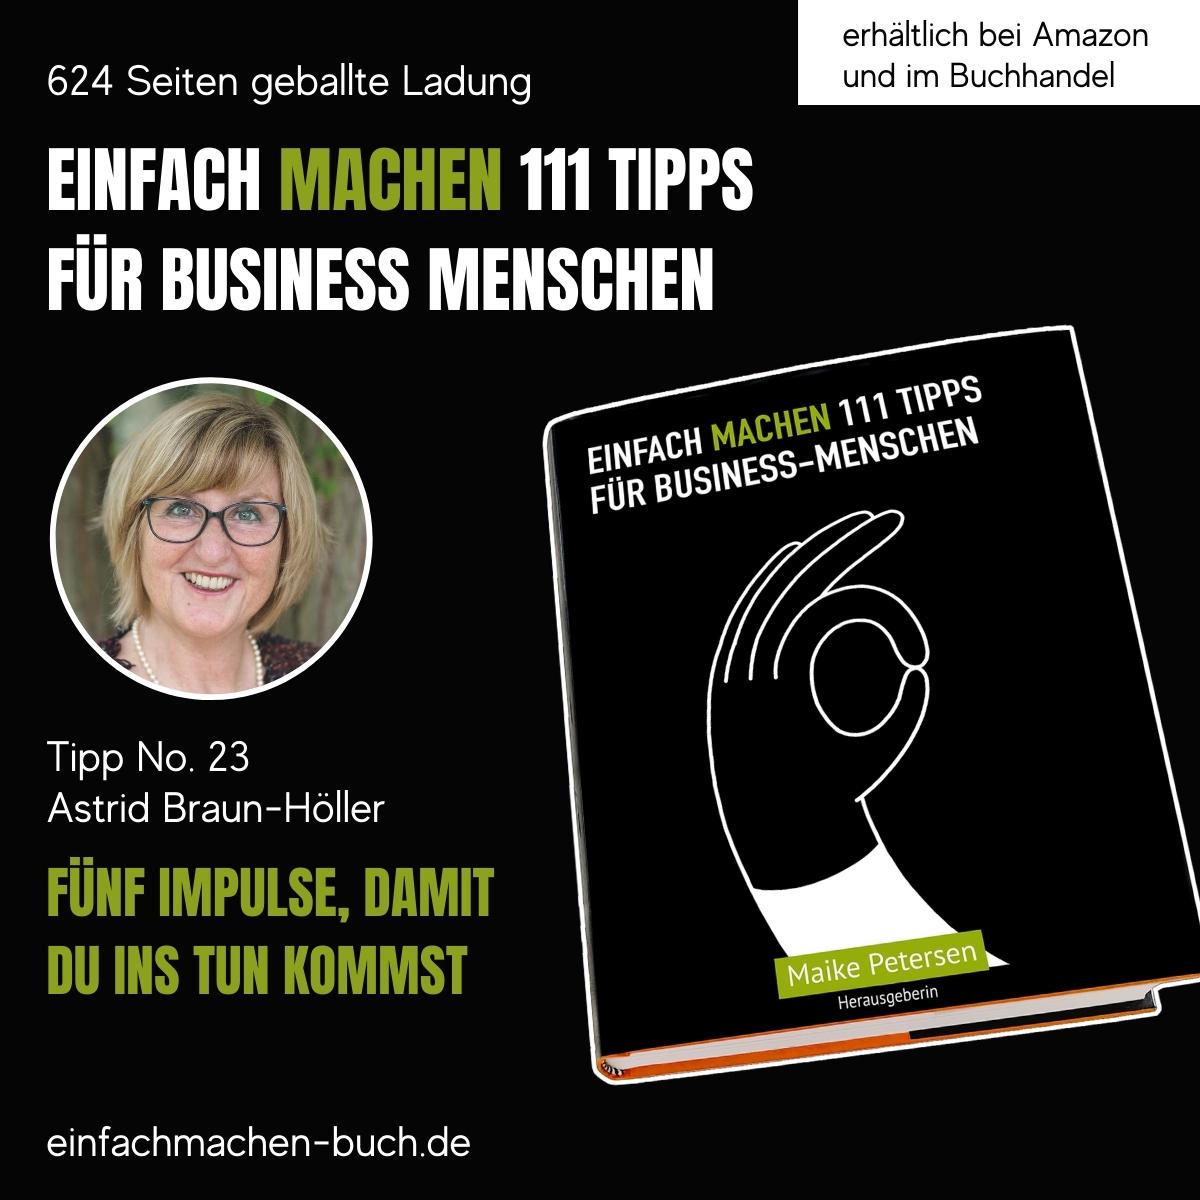 EINFACH MACHEN 111 TIPPS FÜR BUSINESS-MENSCHEN   Tipp No. 23 Astrid Braun-Höller